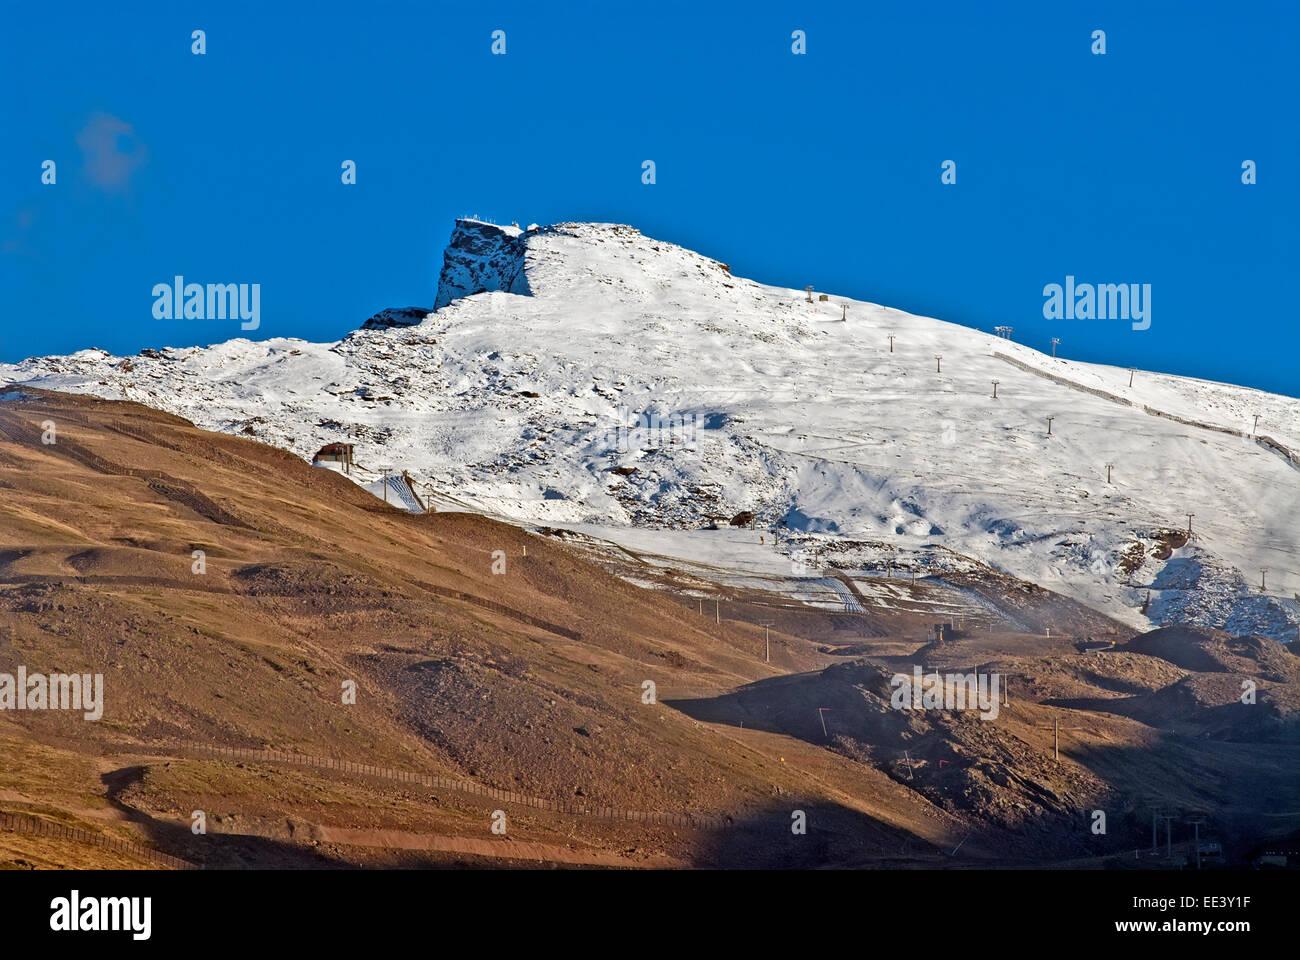 Sito di sci, Prima neve sulla Sierra Nevada, Spagna Foto Stock